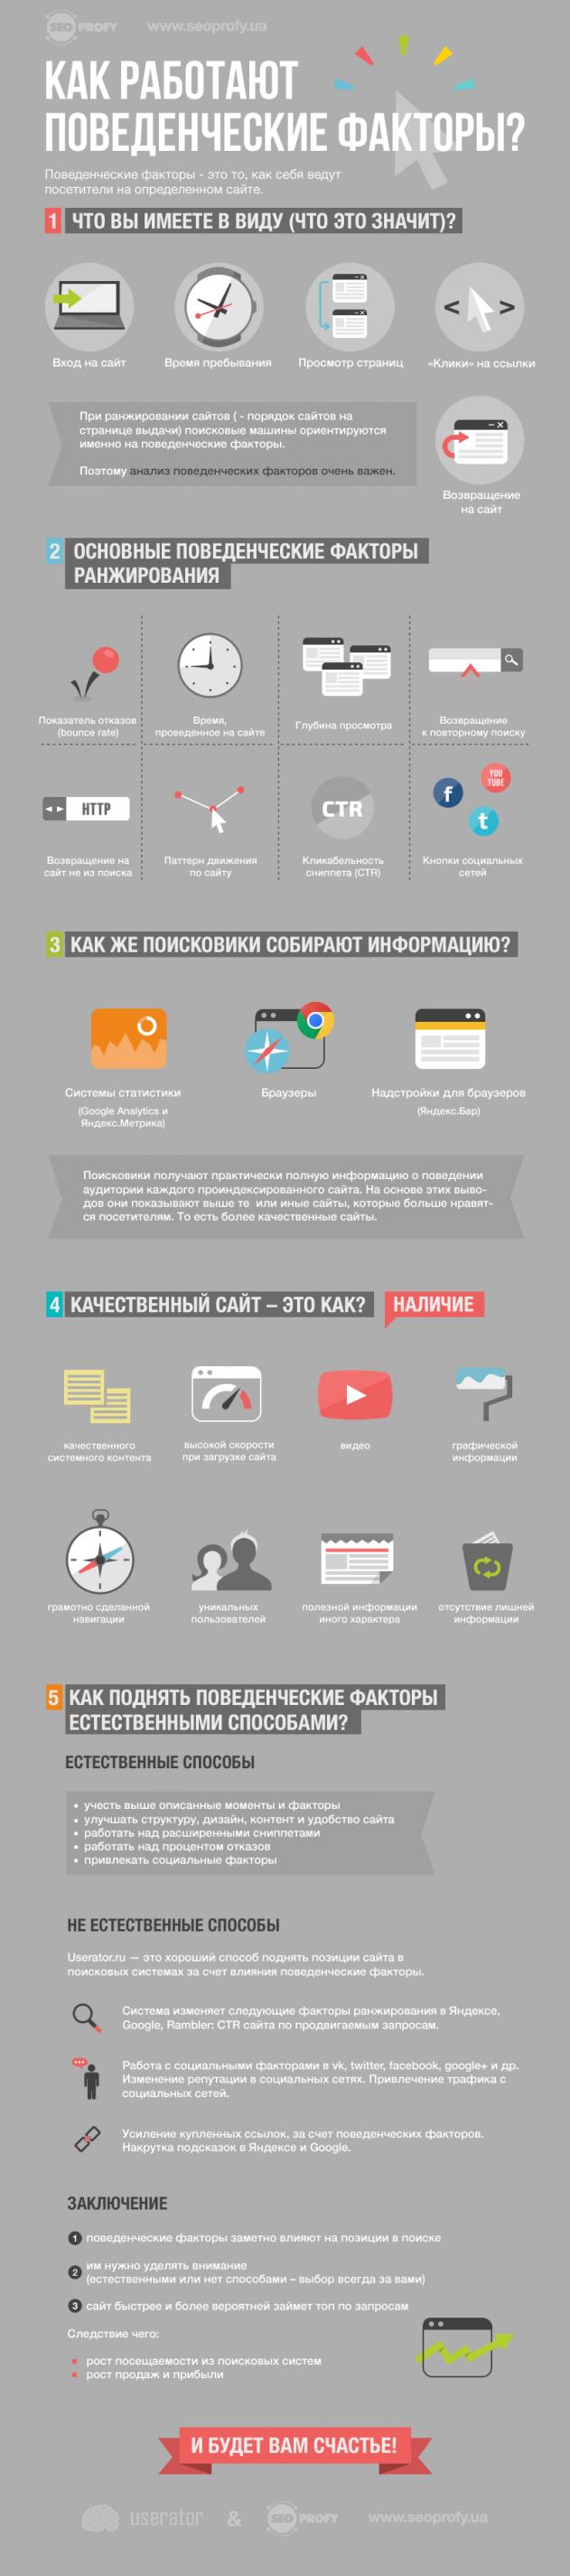 Инфографика: Как работают поведенческие факторы